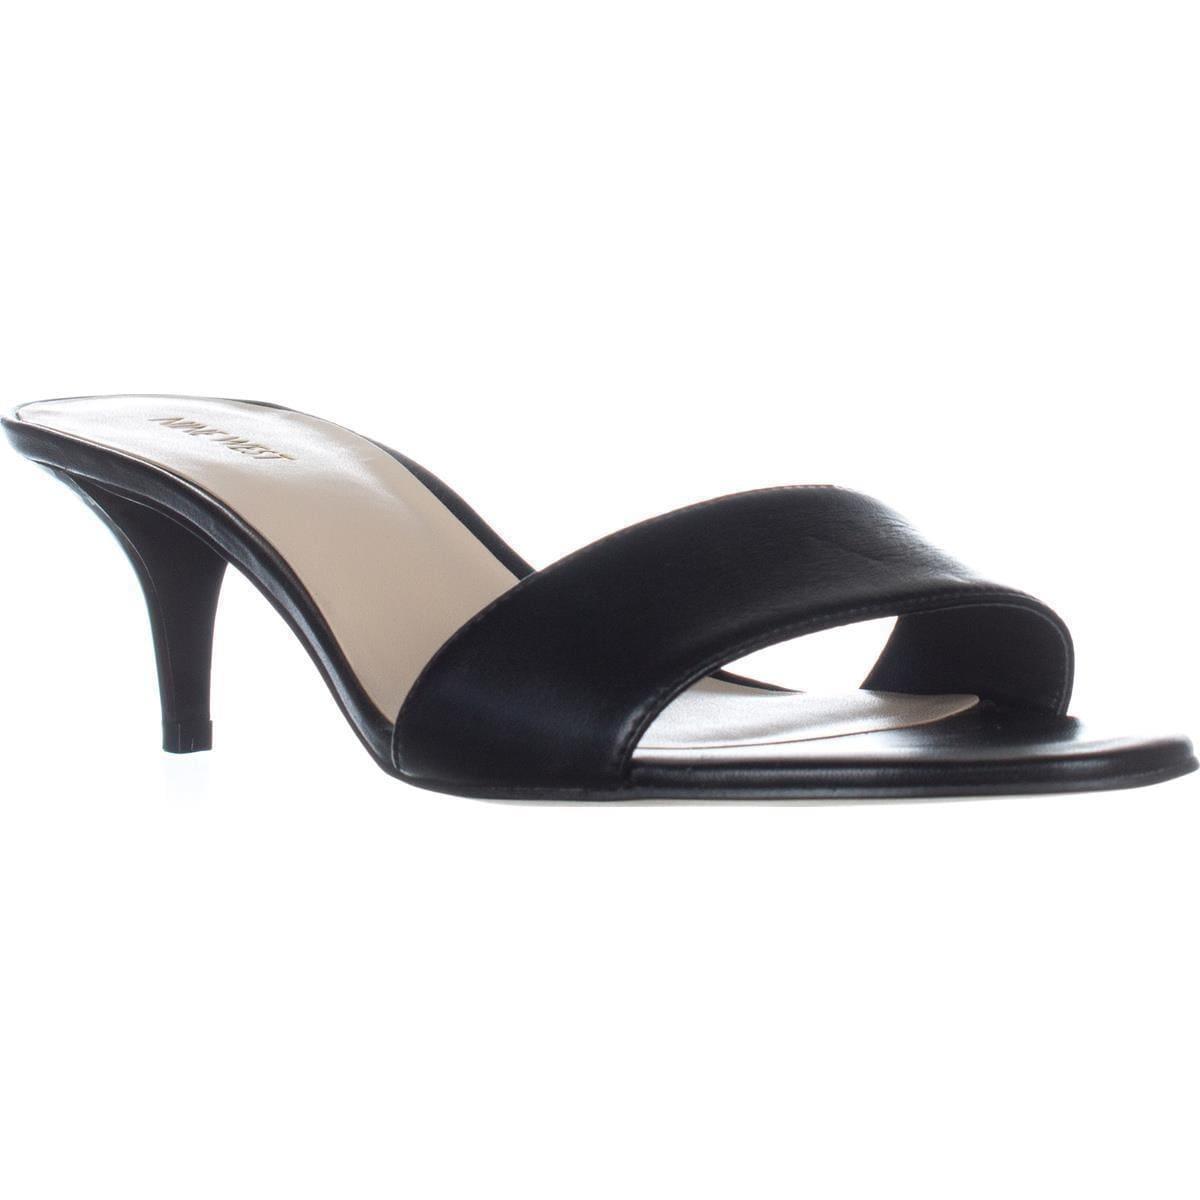 Nine West Lynton Slide Dress Sandals